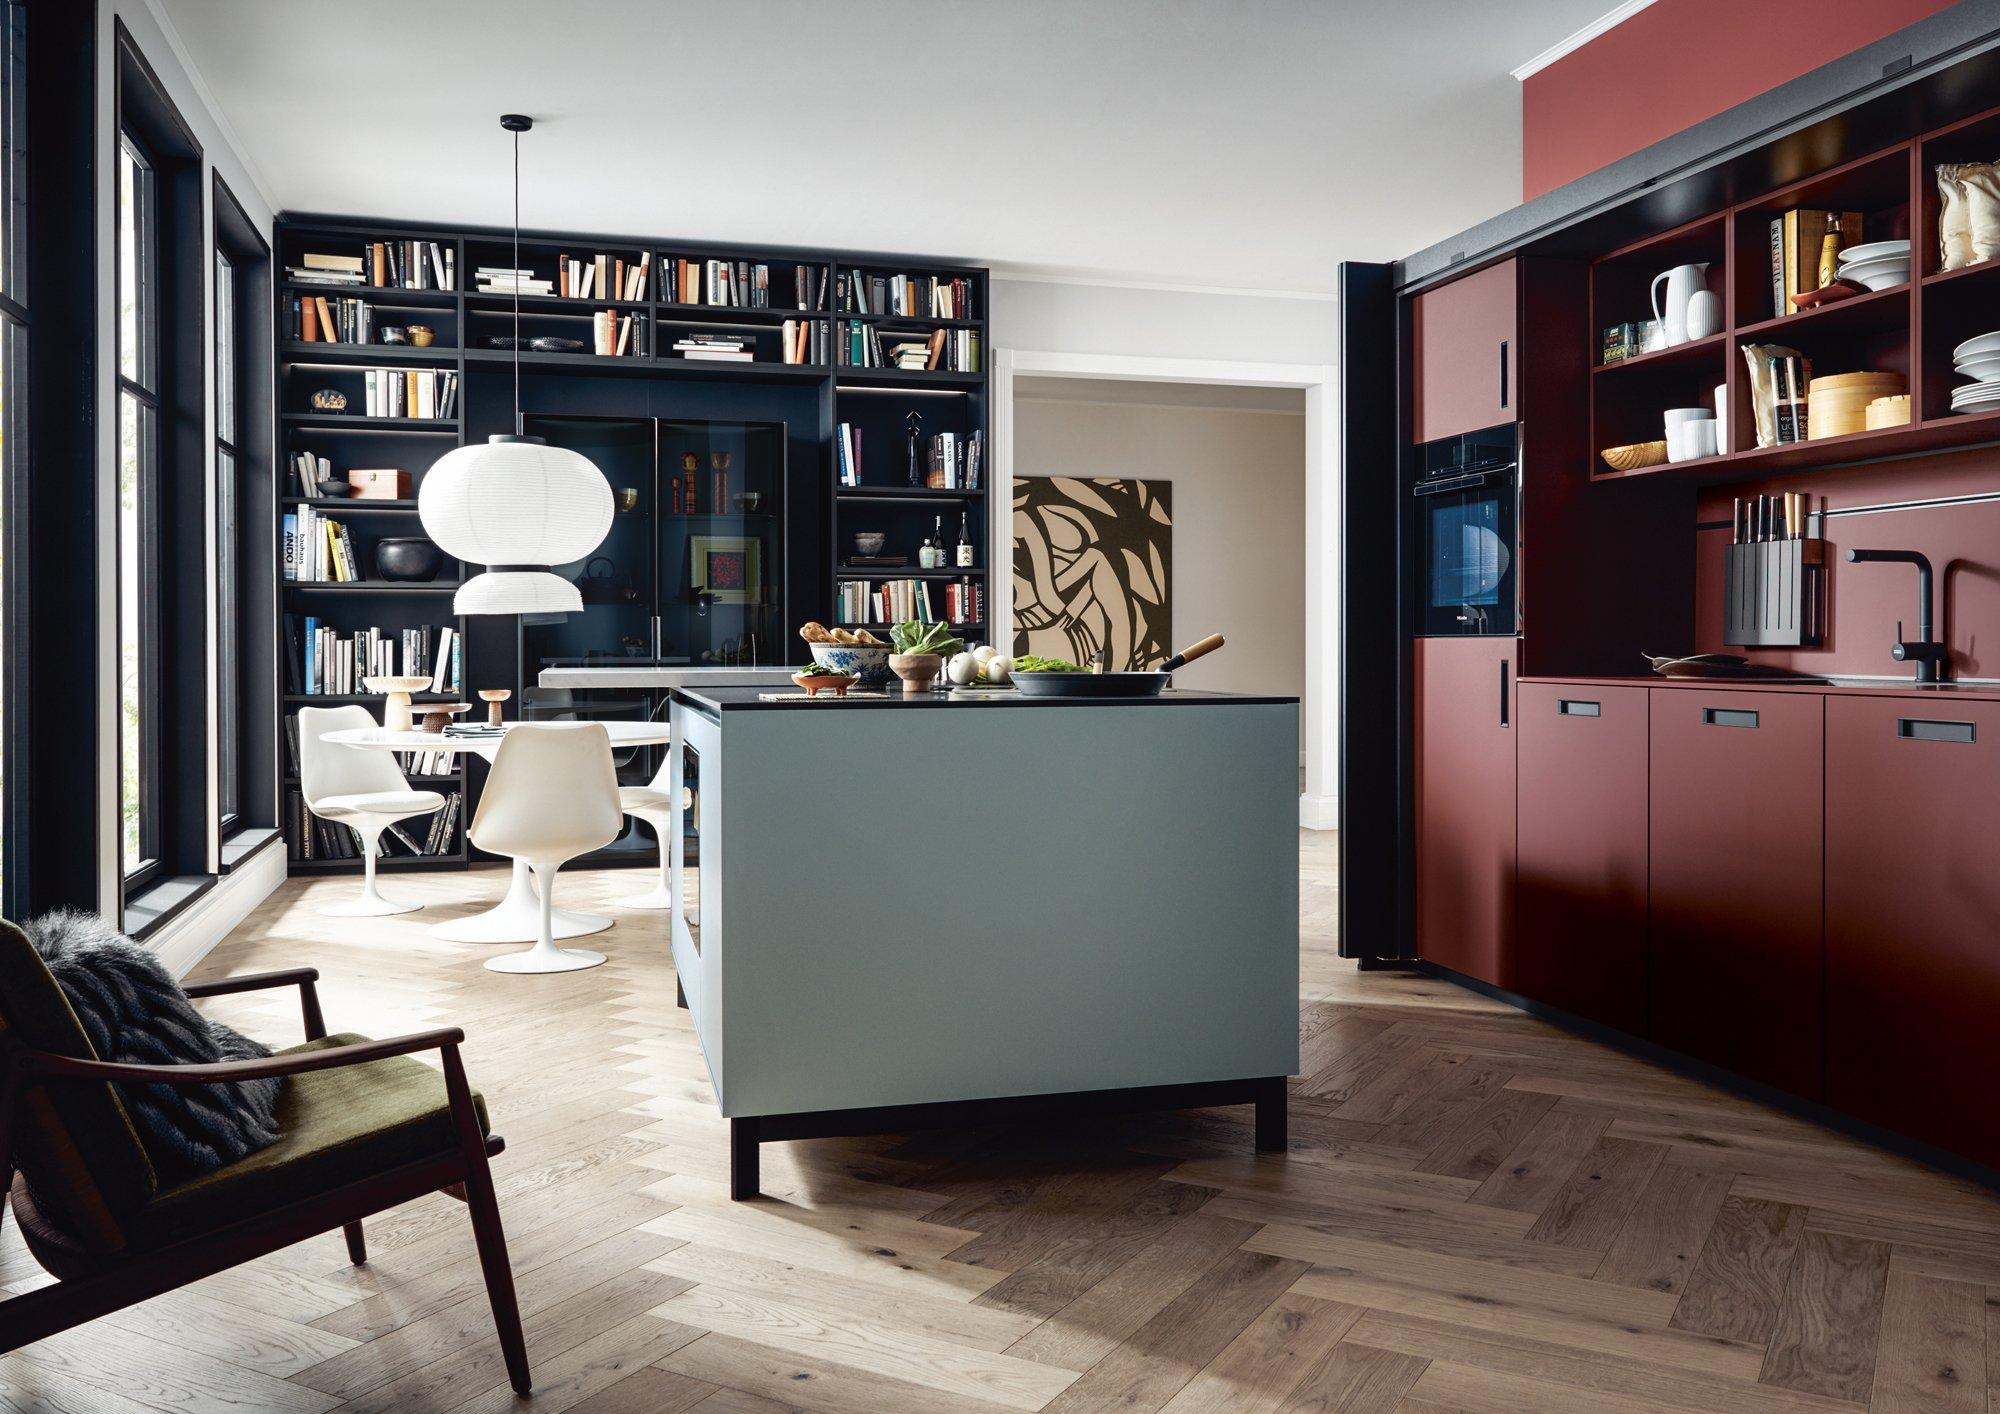 Trend #4: Dunkle Töne und PastellnuancenOft wirkt es sehr wohnlich, wenn verschiedene Farben für die Küchenmöbel miteinander kombiniert werden, wie next125 zeigt. Foto/Copyright: Schüller/next125